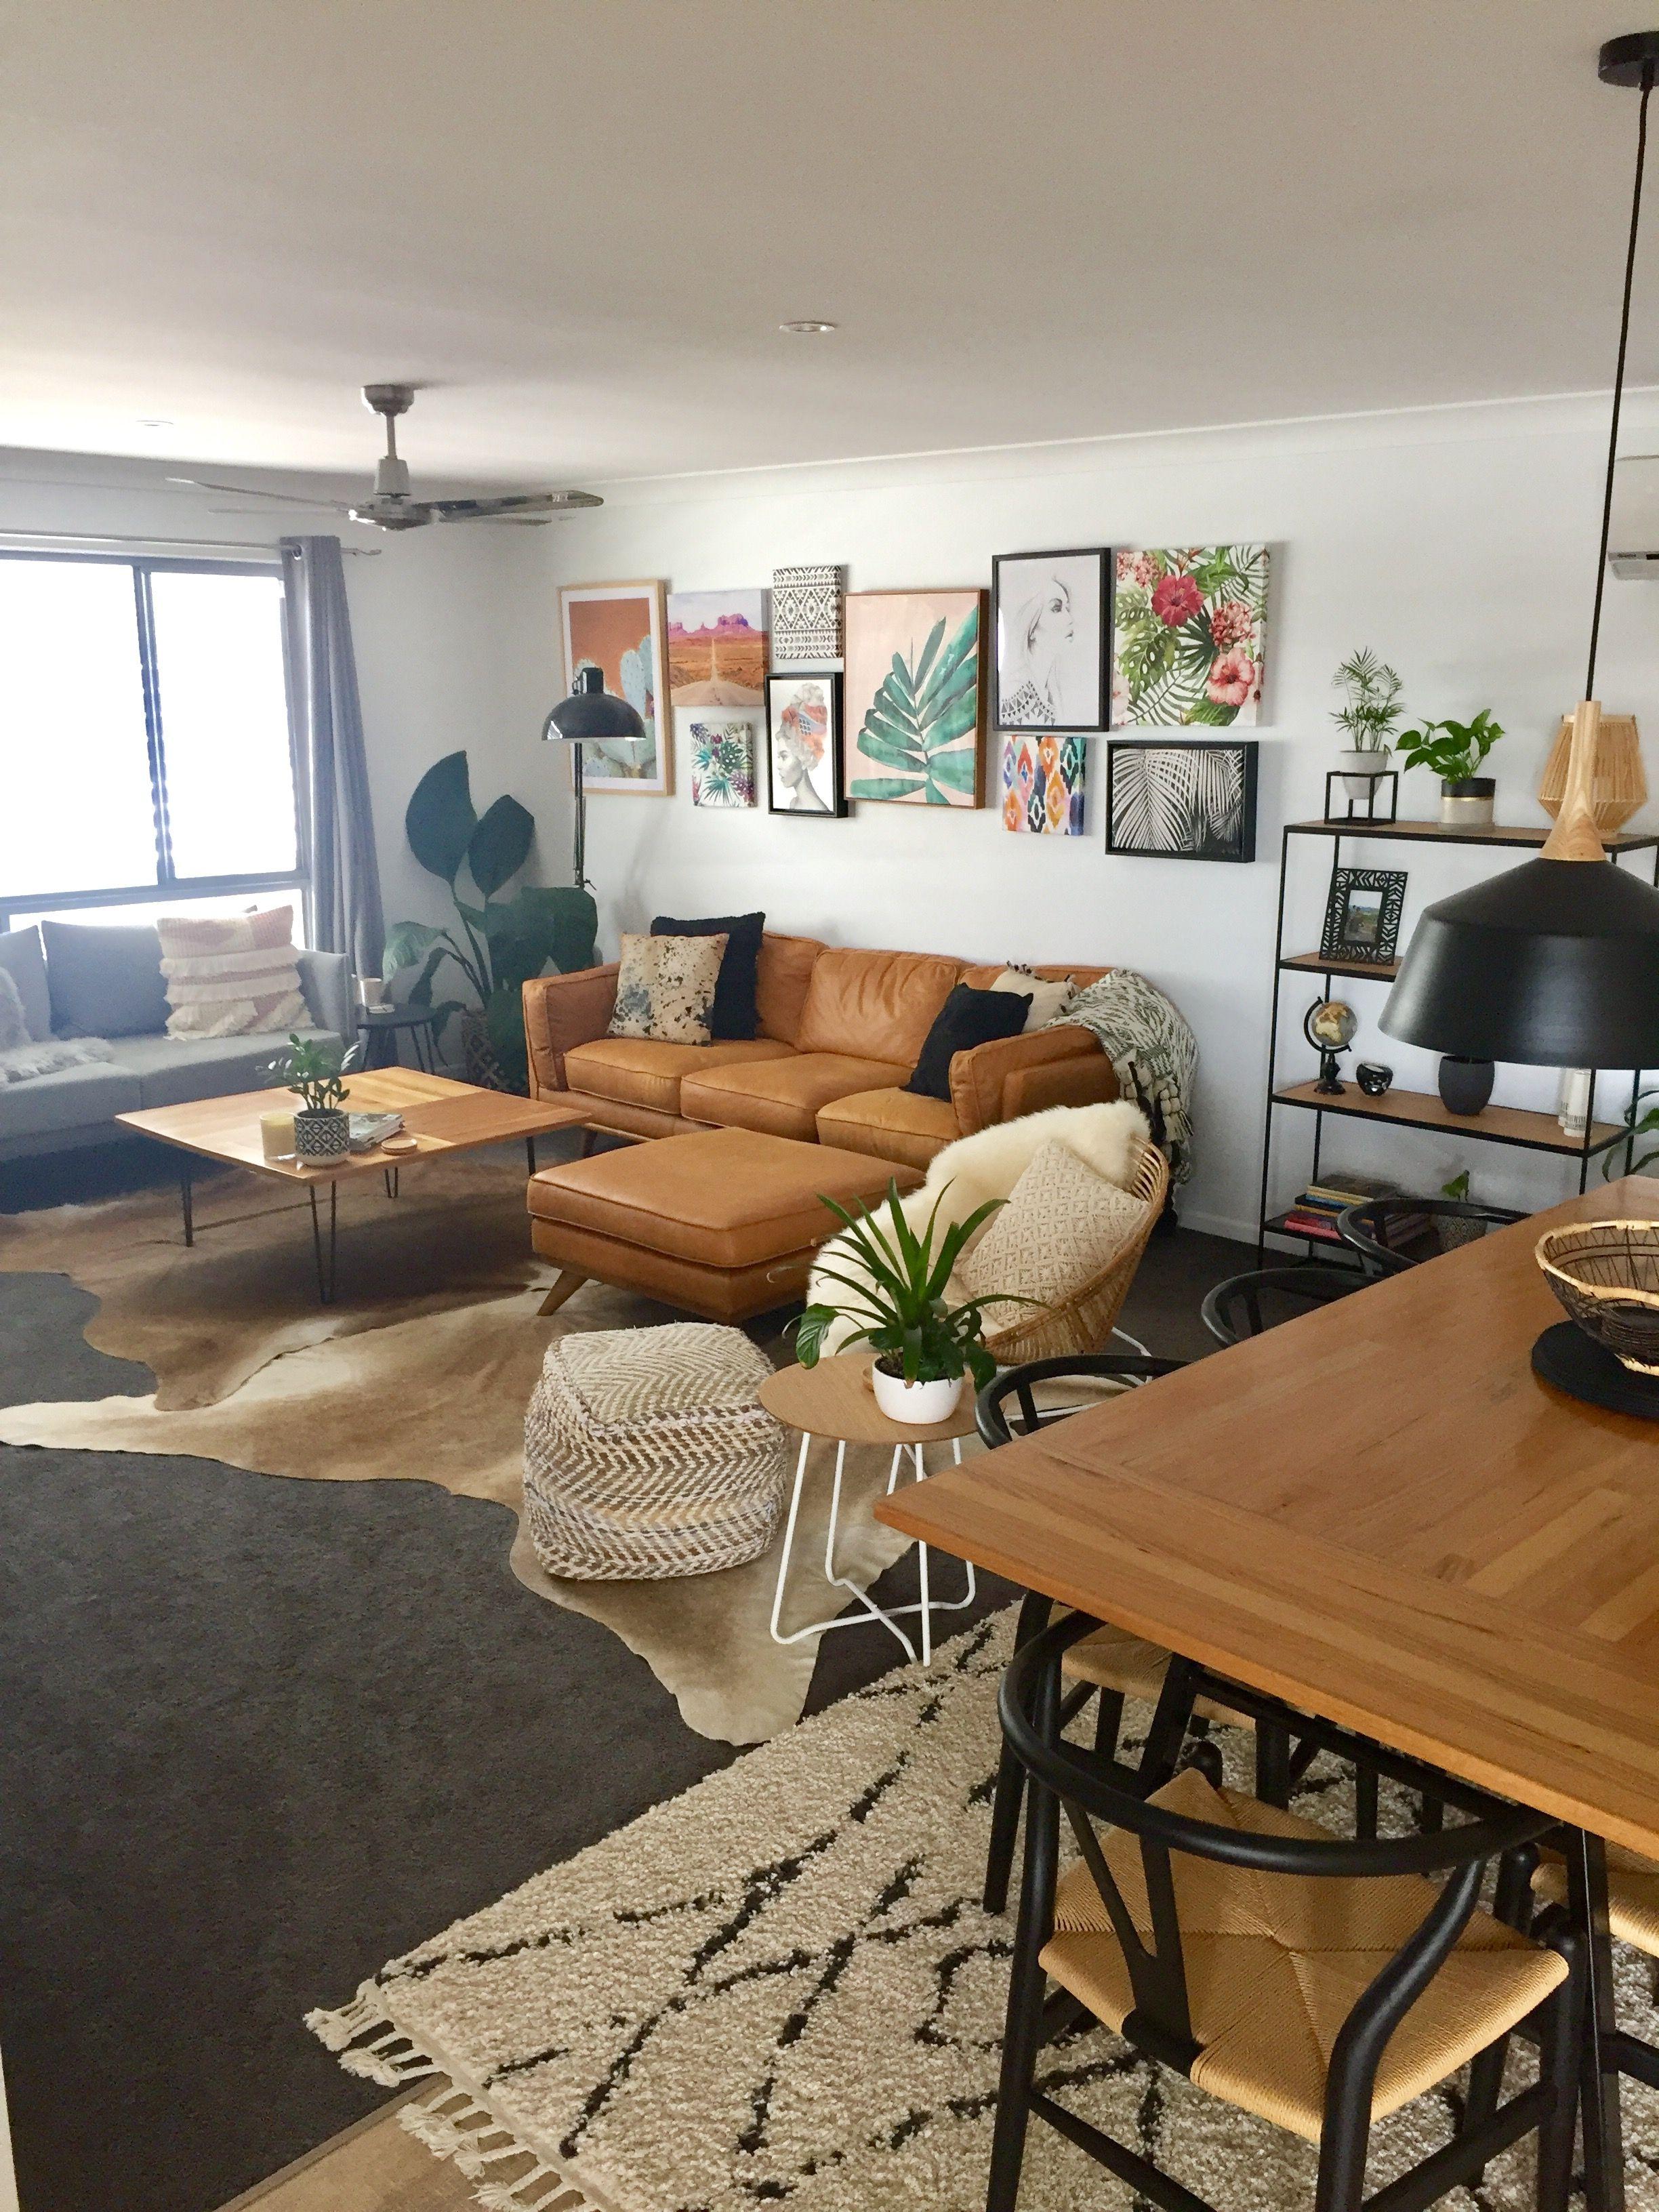 Boho Industrial Style Living Room Boho Living Room Decor Bohemian Living Room Decor Industrial Style Living Room